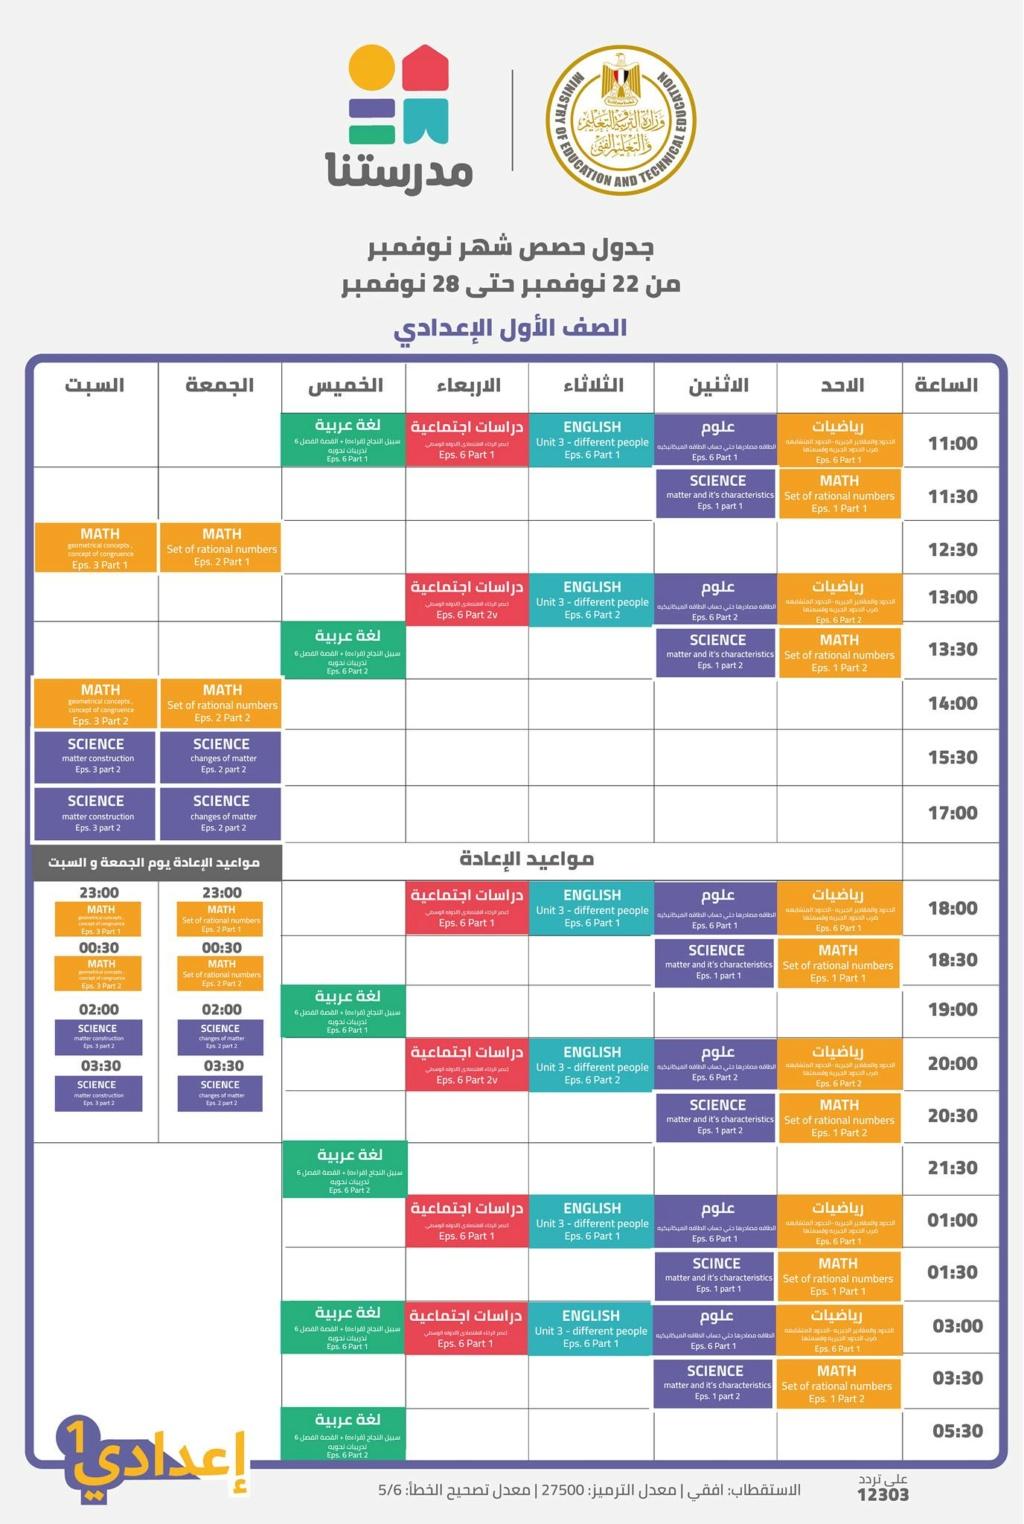 قناة مدرستنا l جدول حصص الأسبوع الخامس من  الأحد ٢٢ نوفمبر حتى السبت ٢٨ نوفمبر ٢٠٢٠ 7574